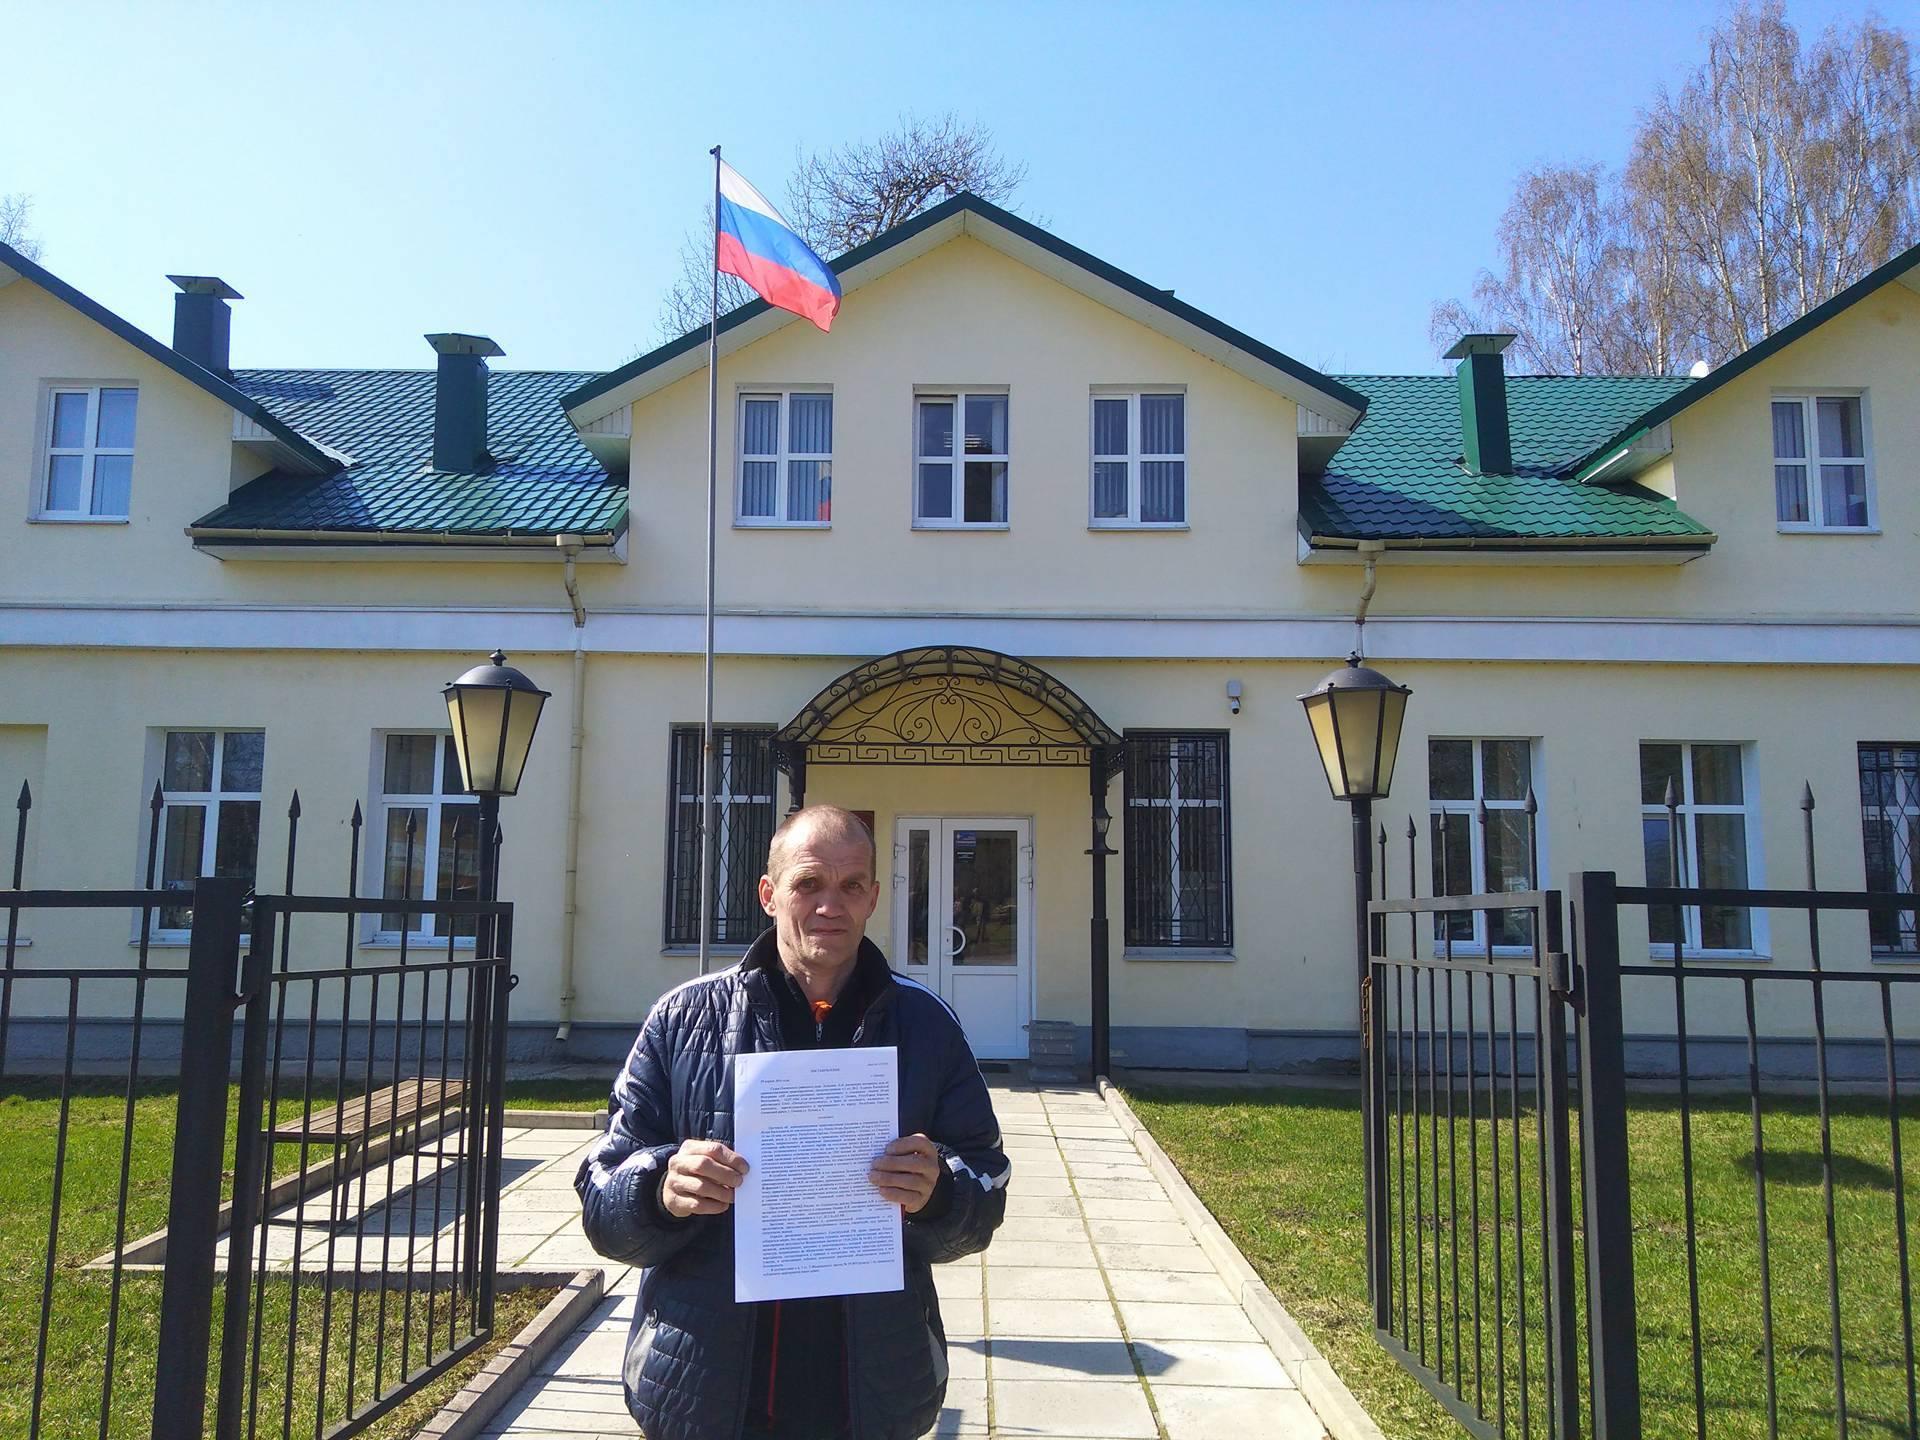 Организатор митинга Игорь Некин с решением суда. Фото: Алексей Владимиров